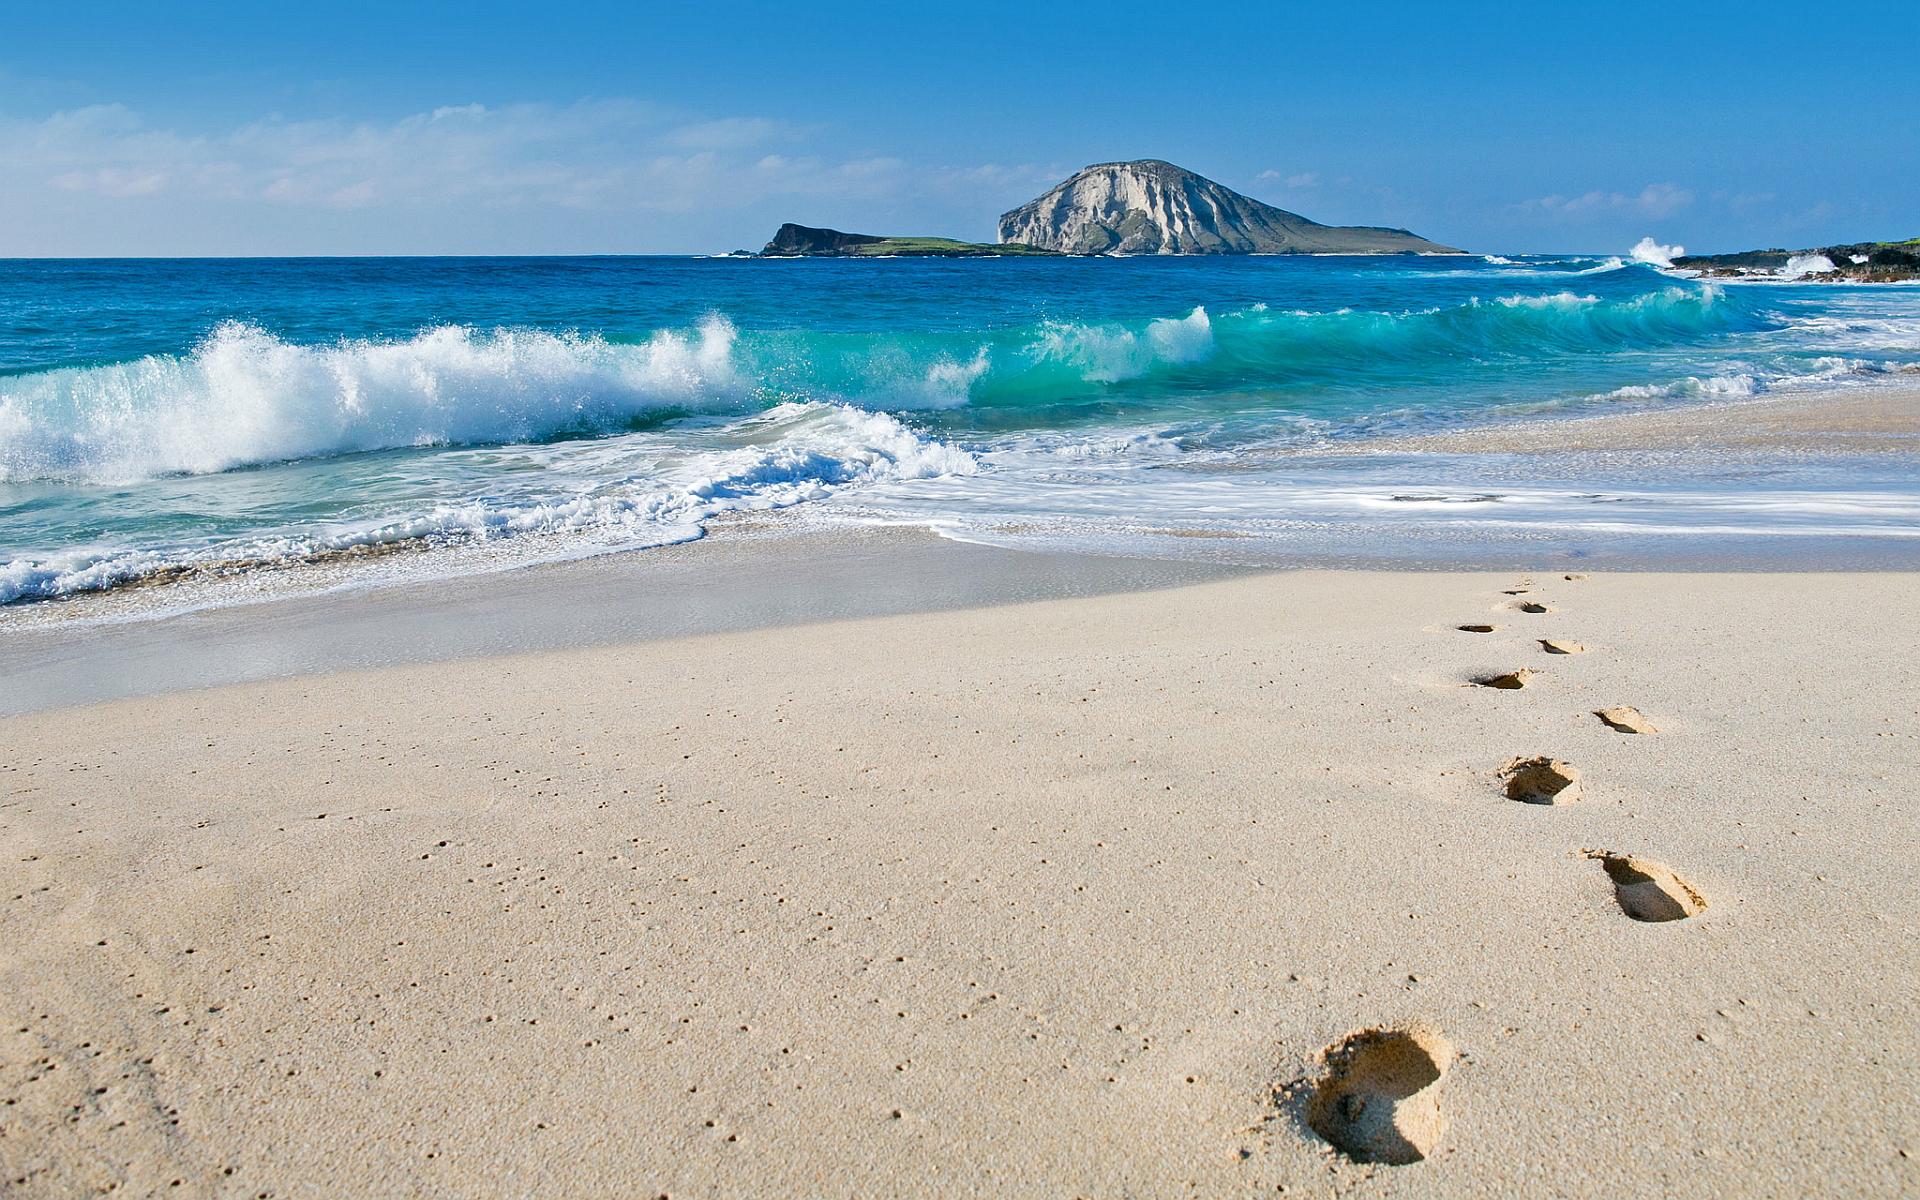 Frank Ocean Wallpaper Iphone X Beach Footprints Wallpaper 1920x1200 29217